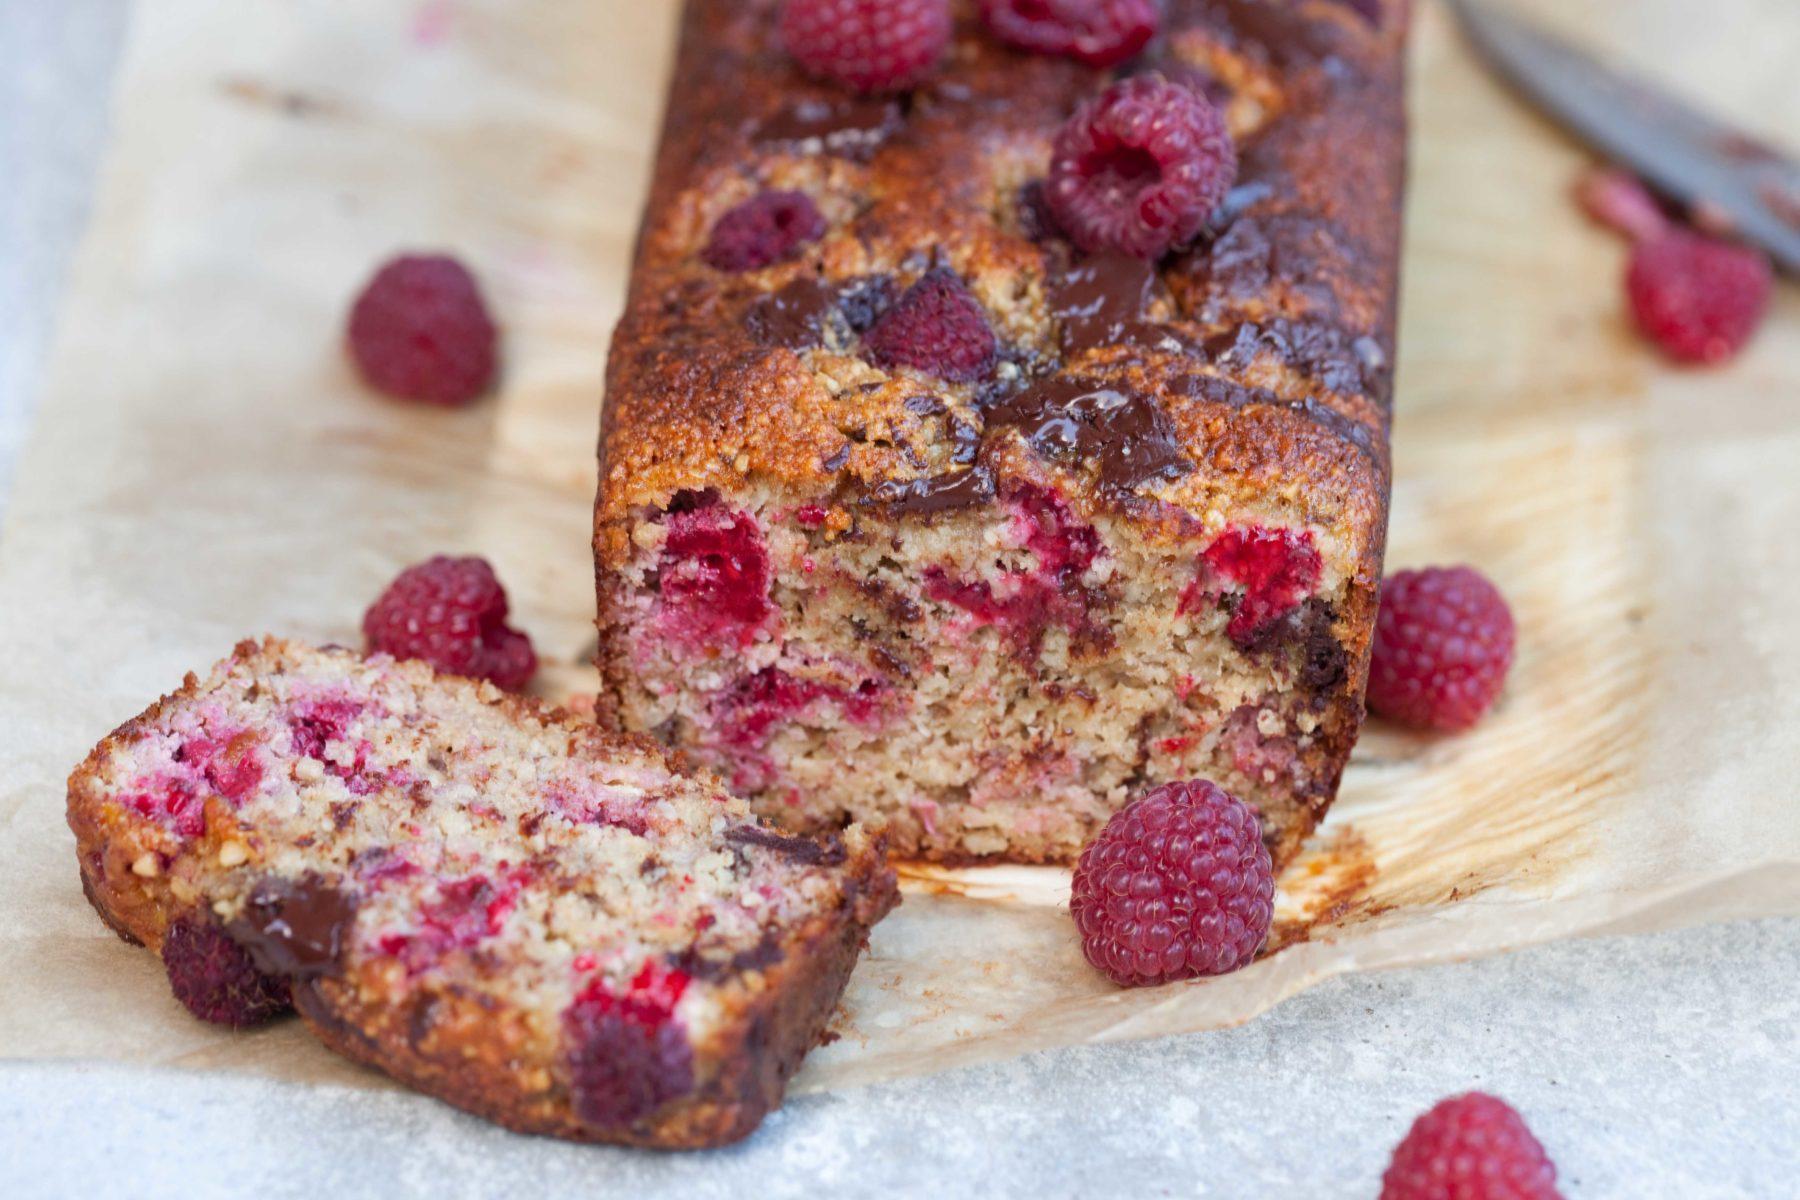 ciasto migdalowe z malinami i czekolada